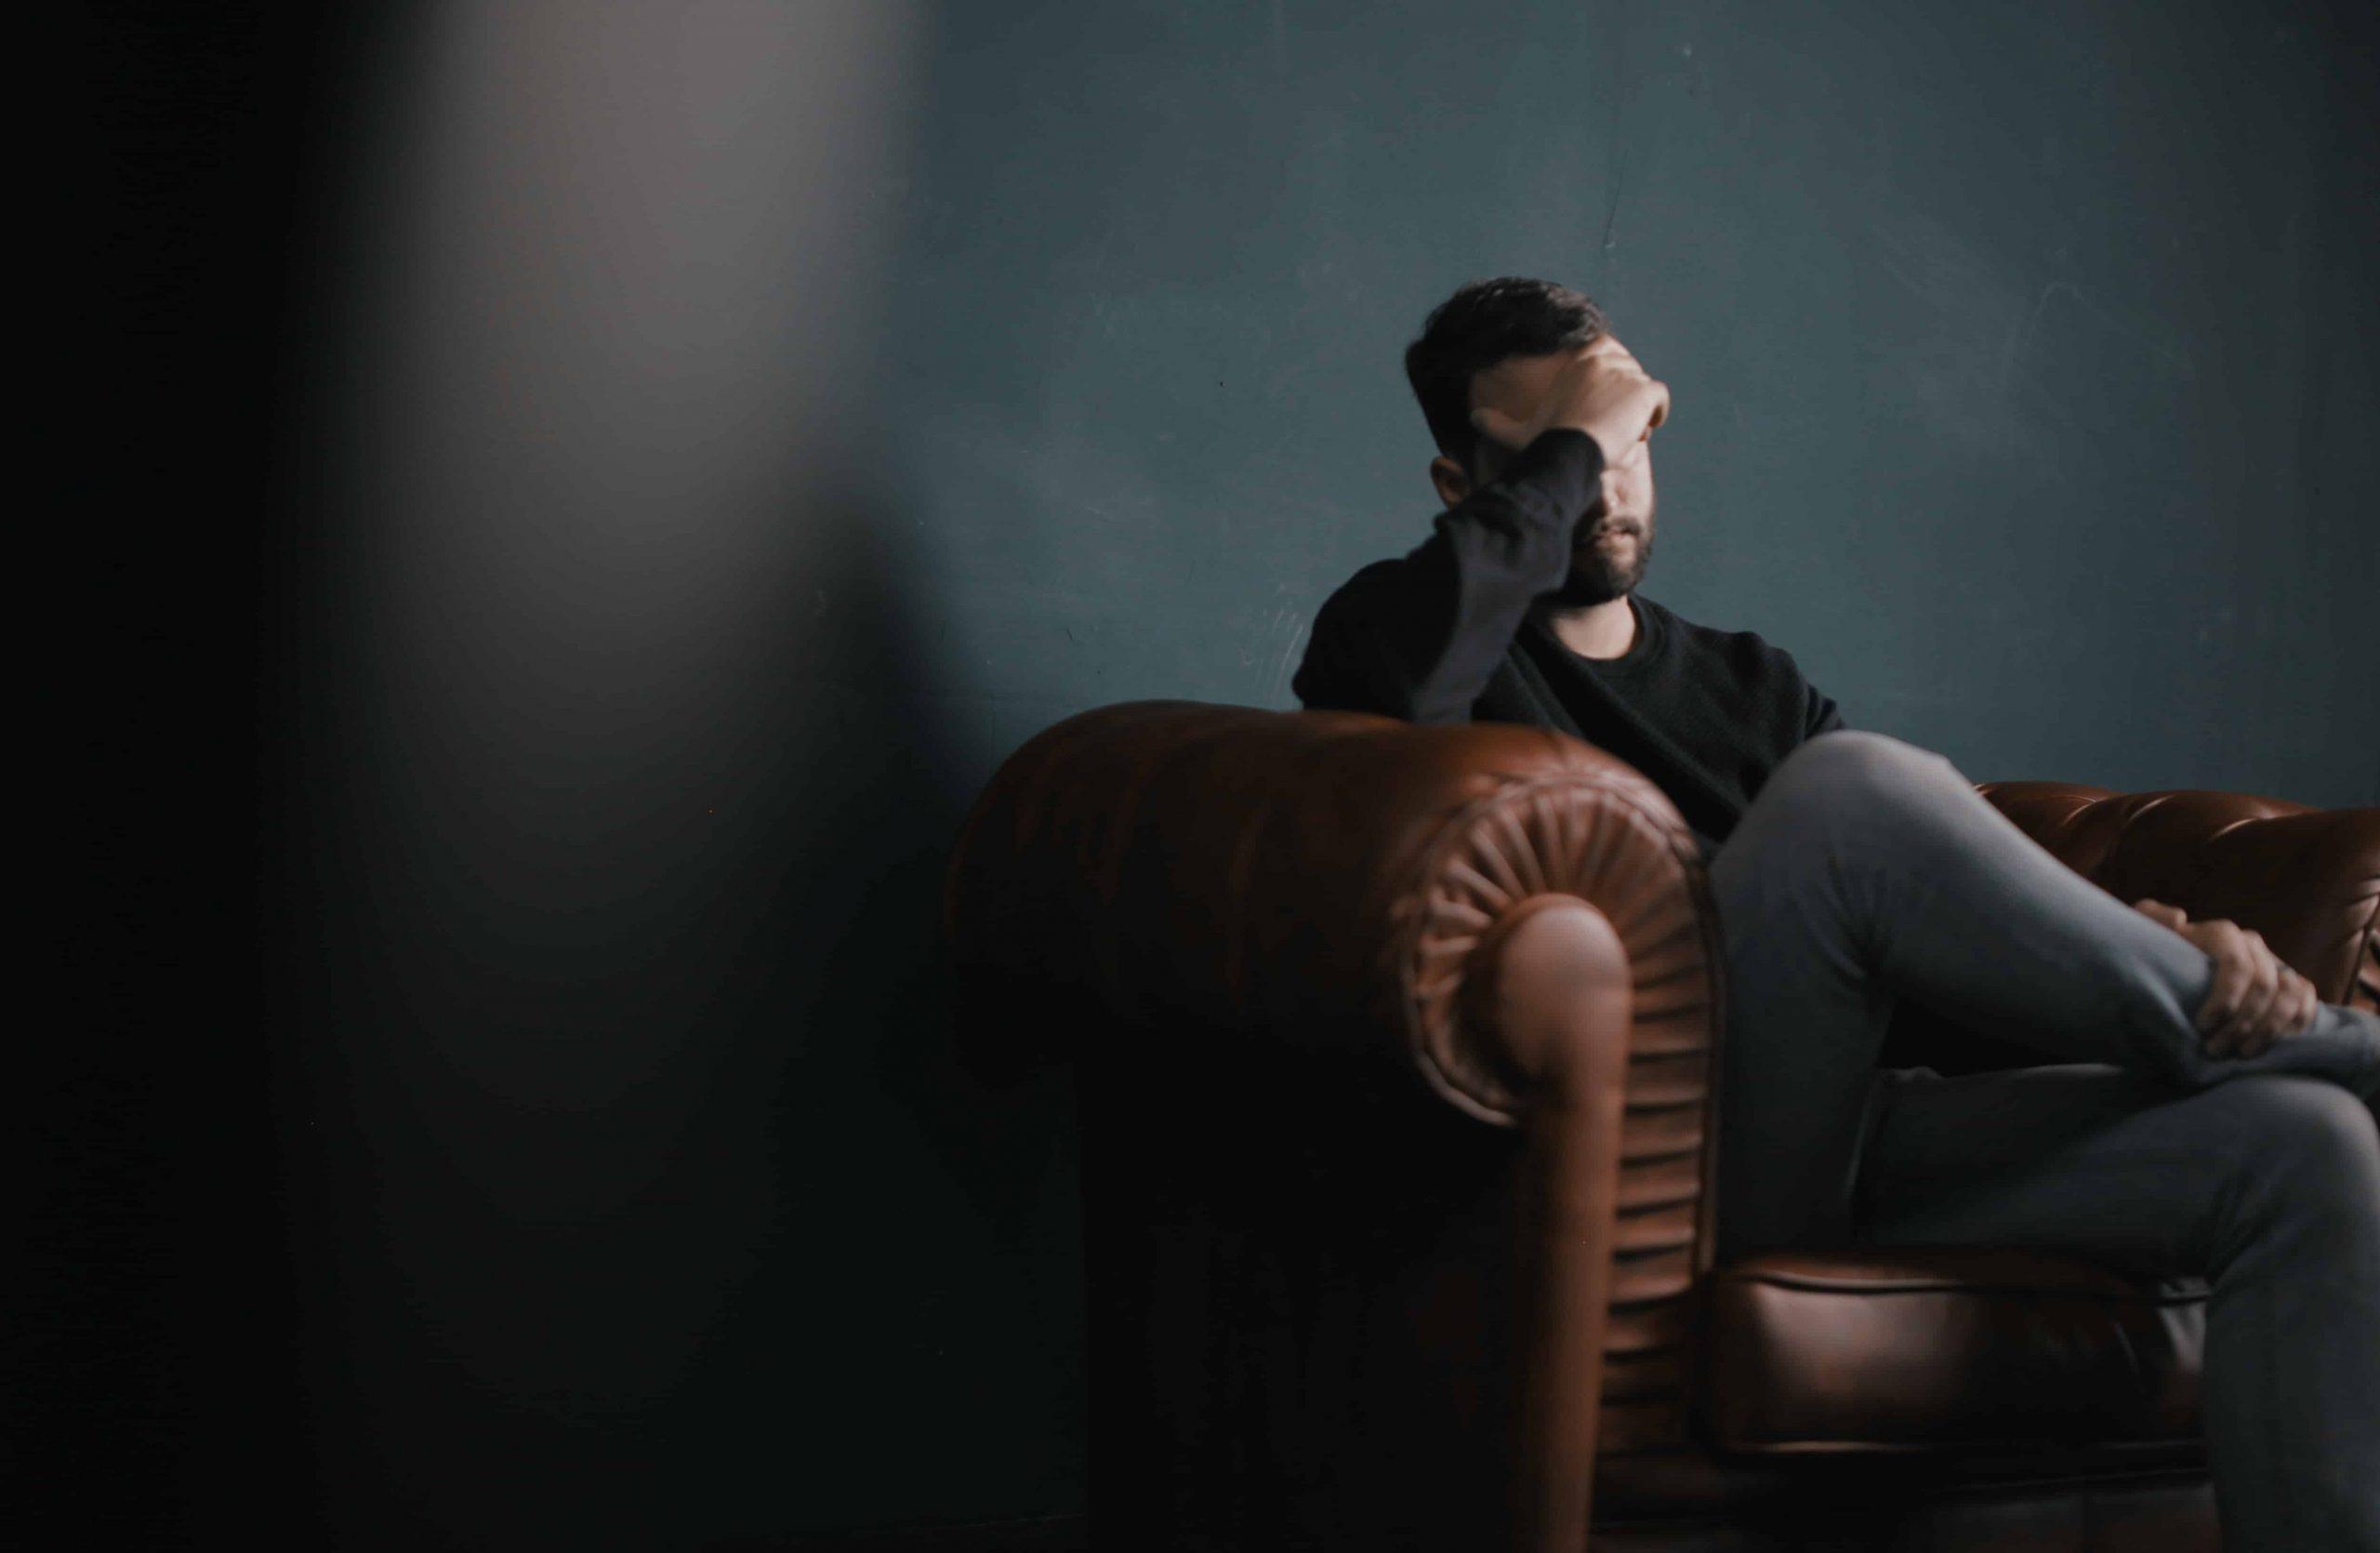 Hausmittel gegen Kopfschmerzen: 5 Tipps über natürliche Mittel